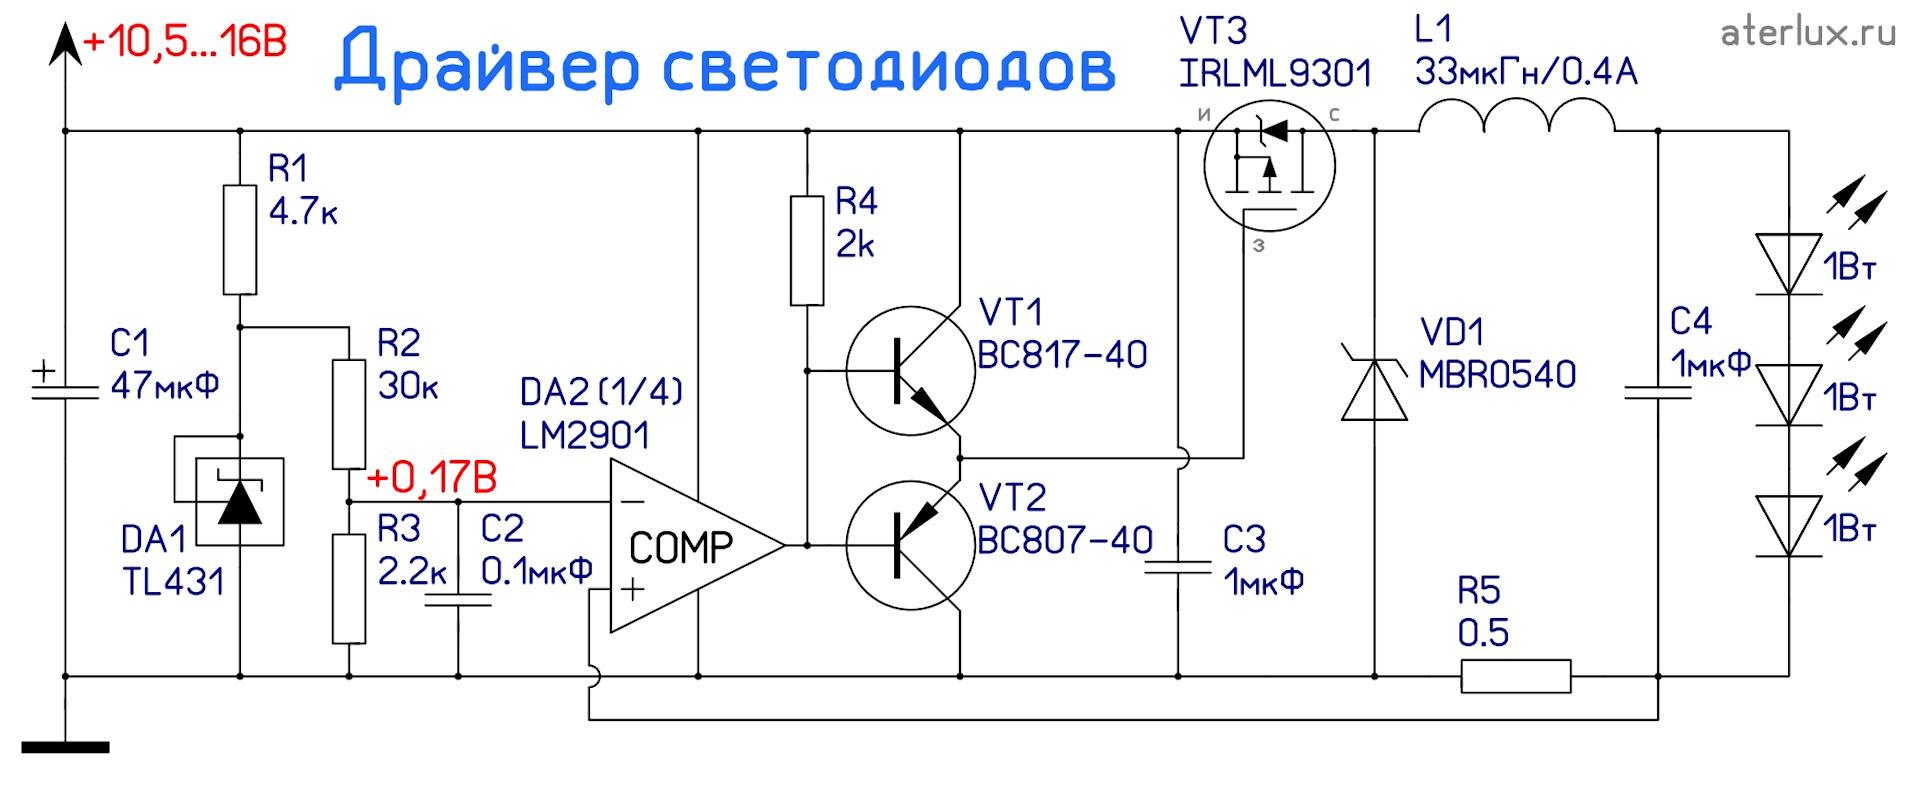 Драйвер для светодиодов своими руками lm393